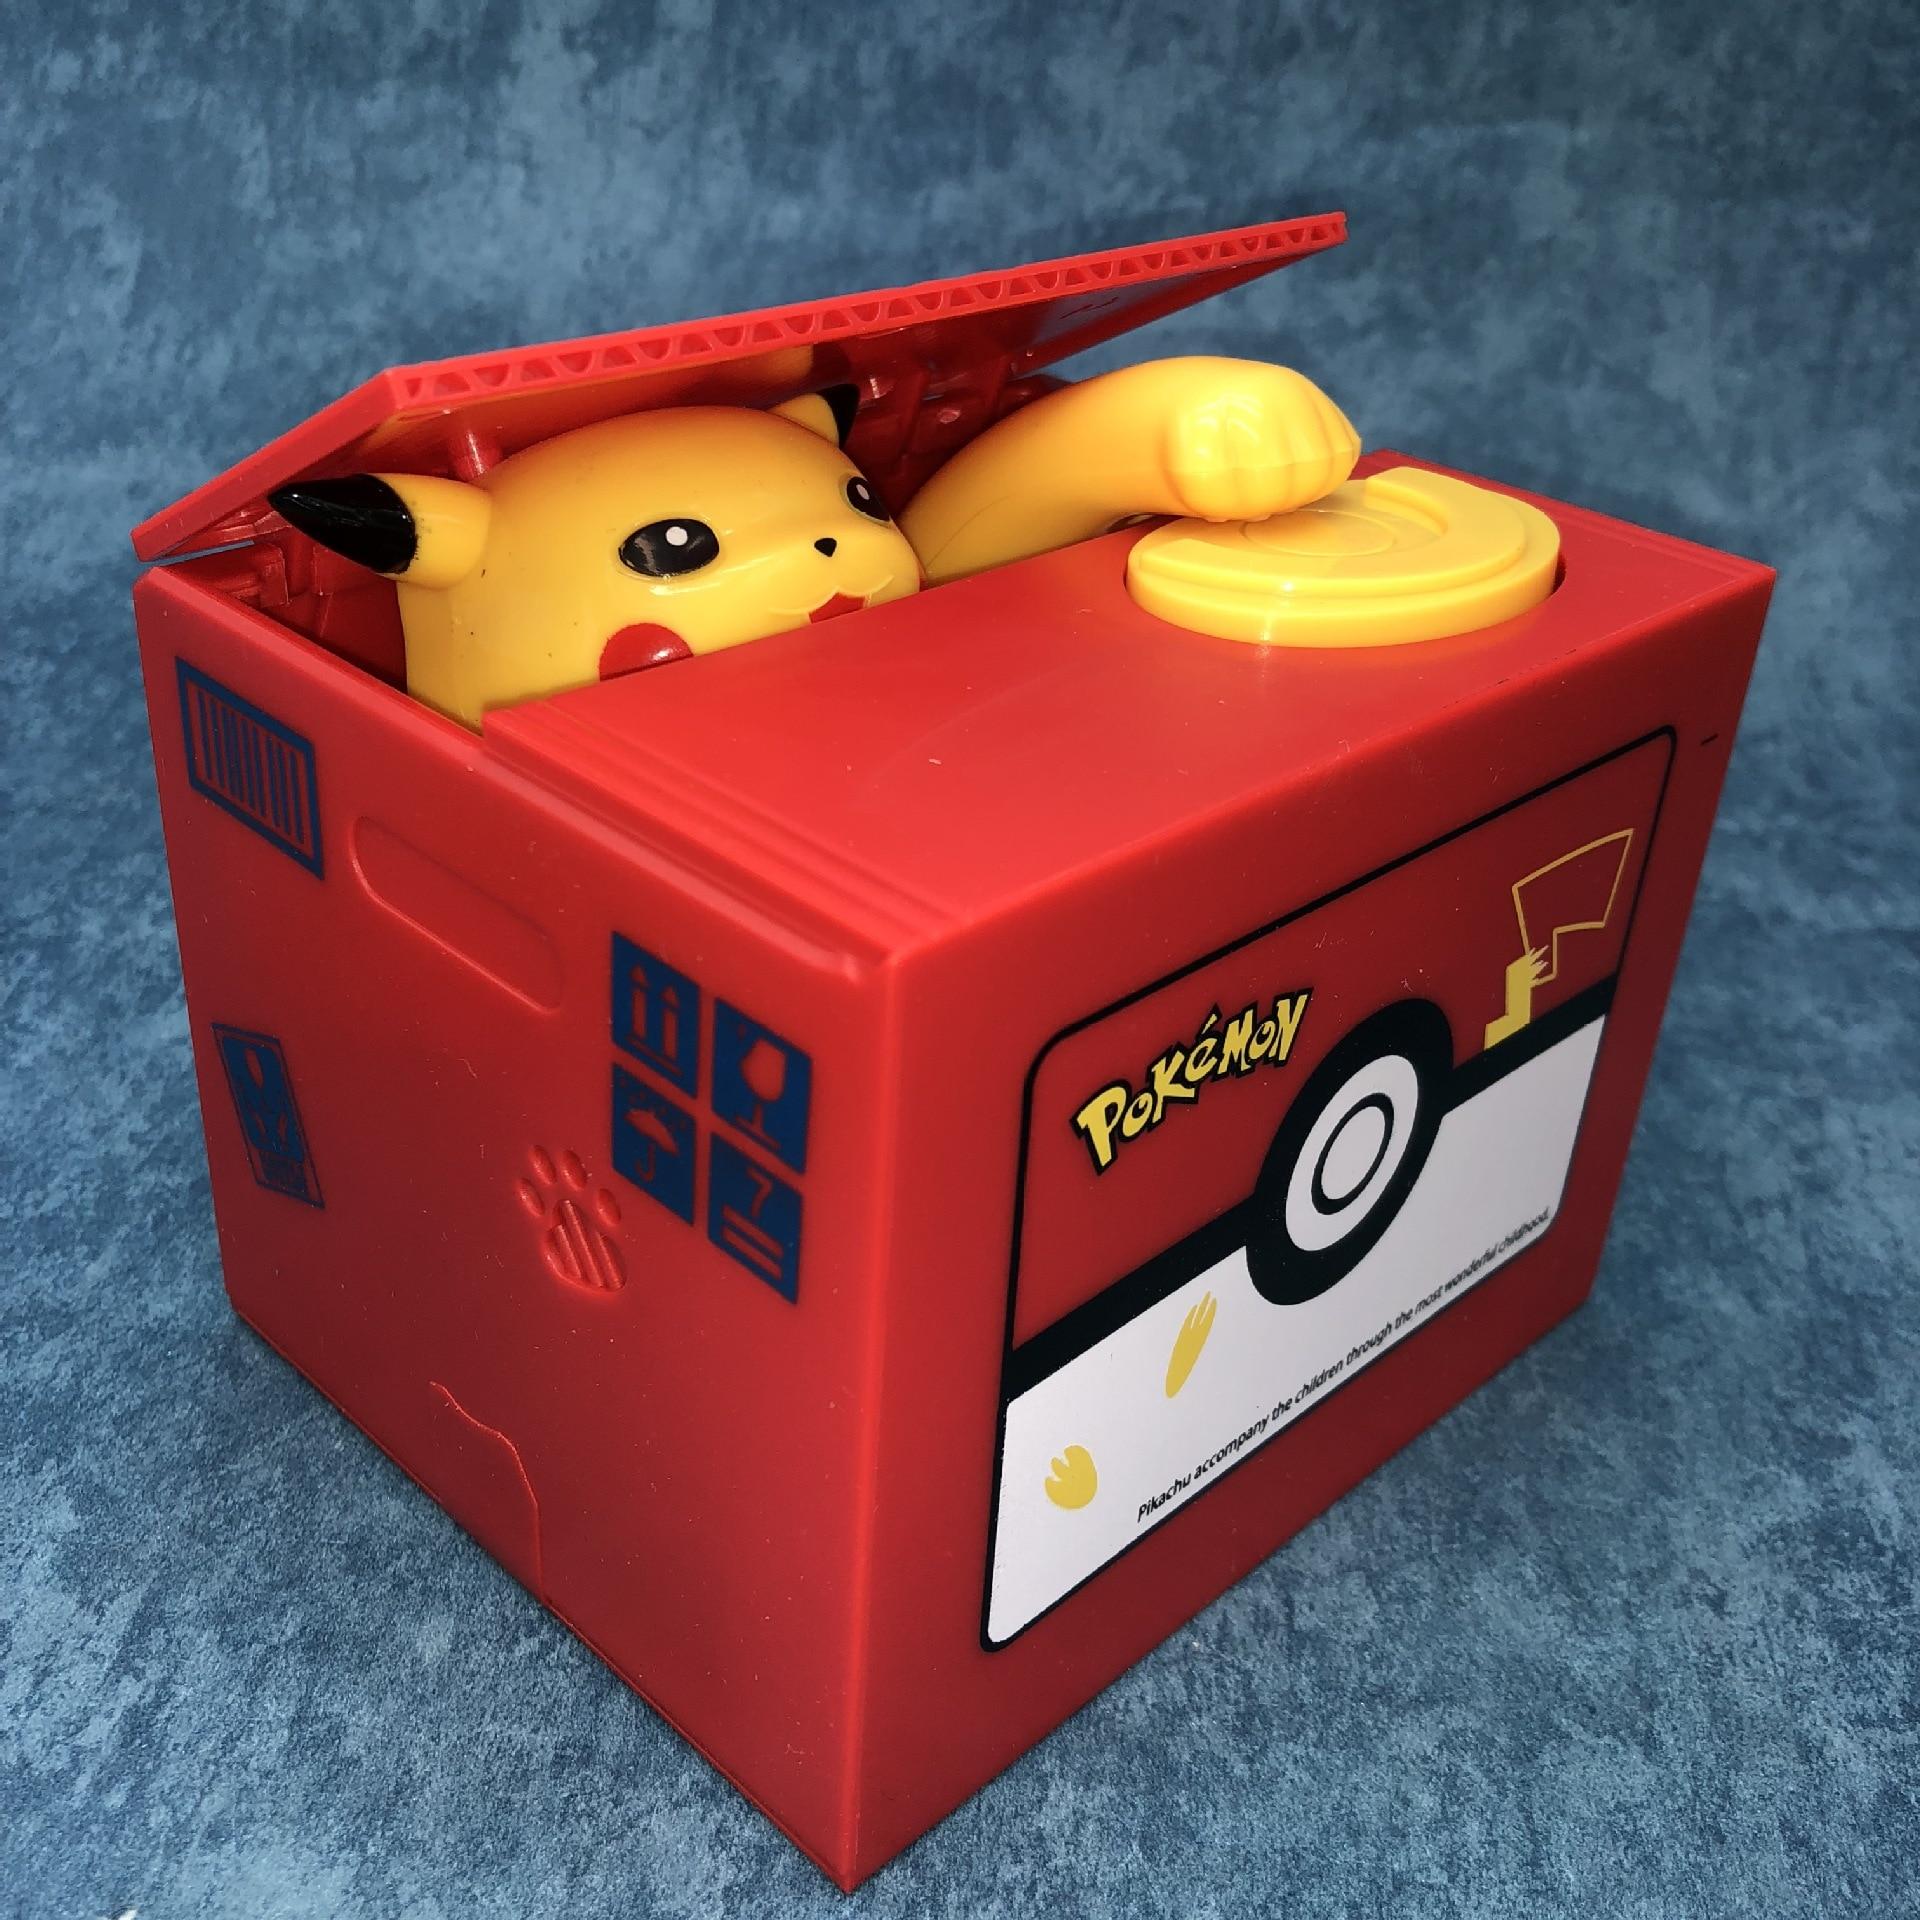 Alta qualidade caixa de dinheiro eletrônico pokemon pikachu piggy bank roubar moeda automaticamente para crianças amigo aniversário presente natal|Brinquedos bancários e de dinheiro|   -